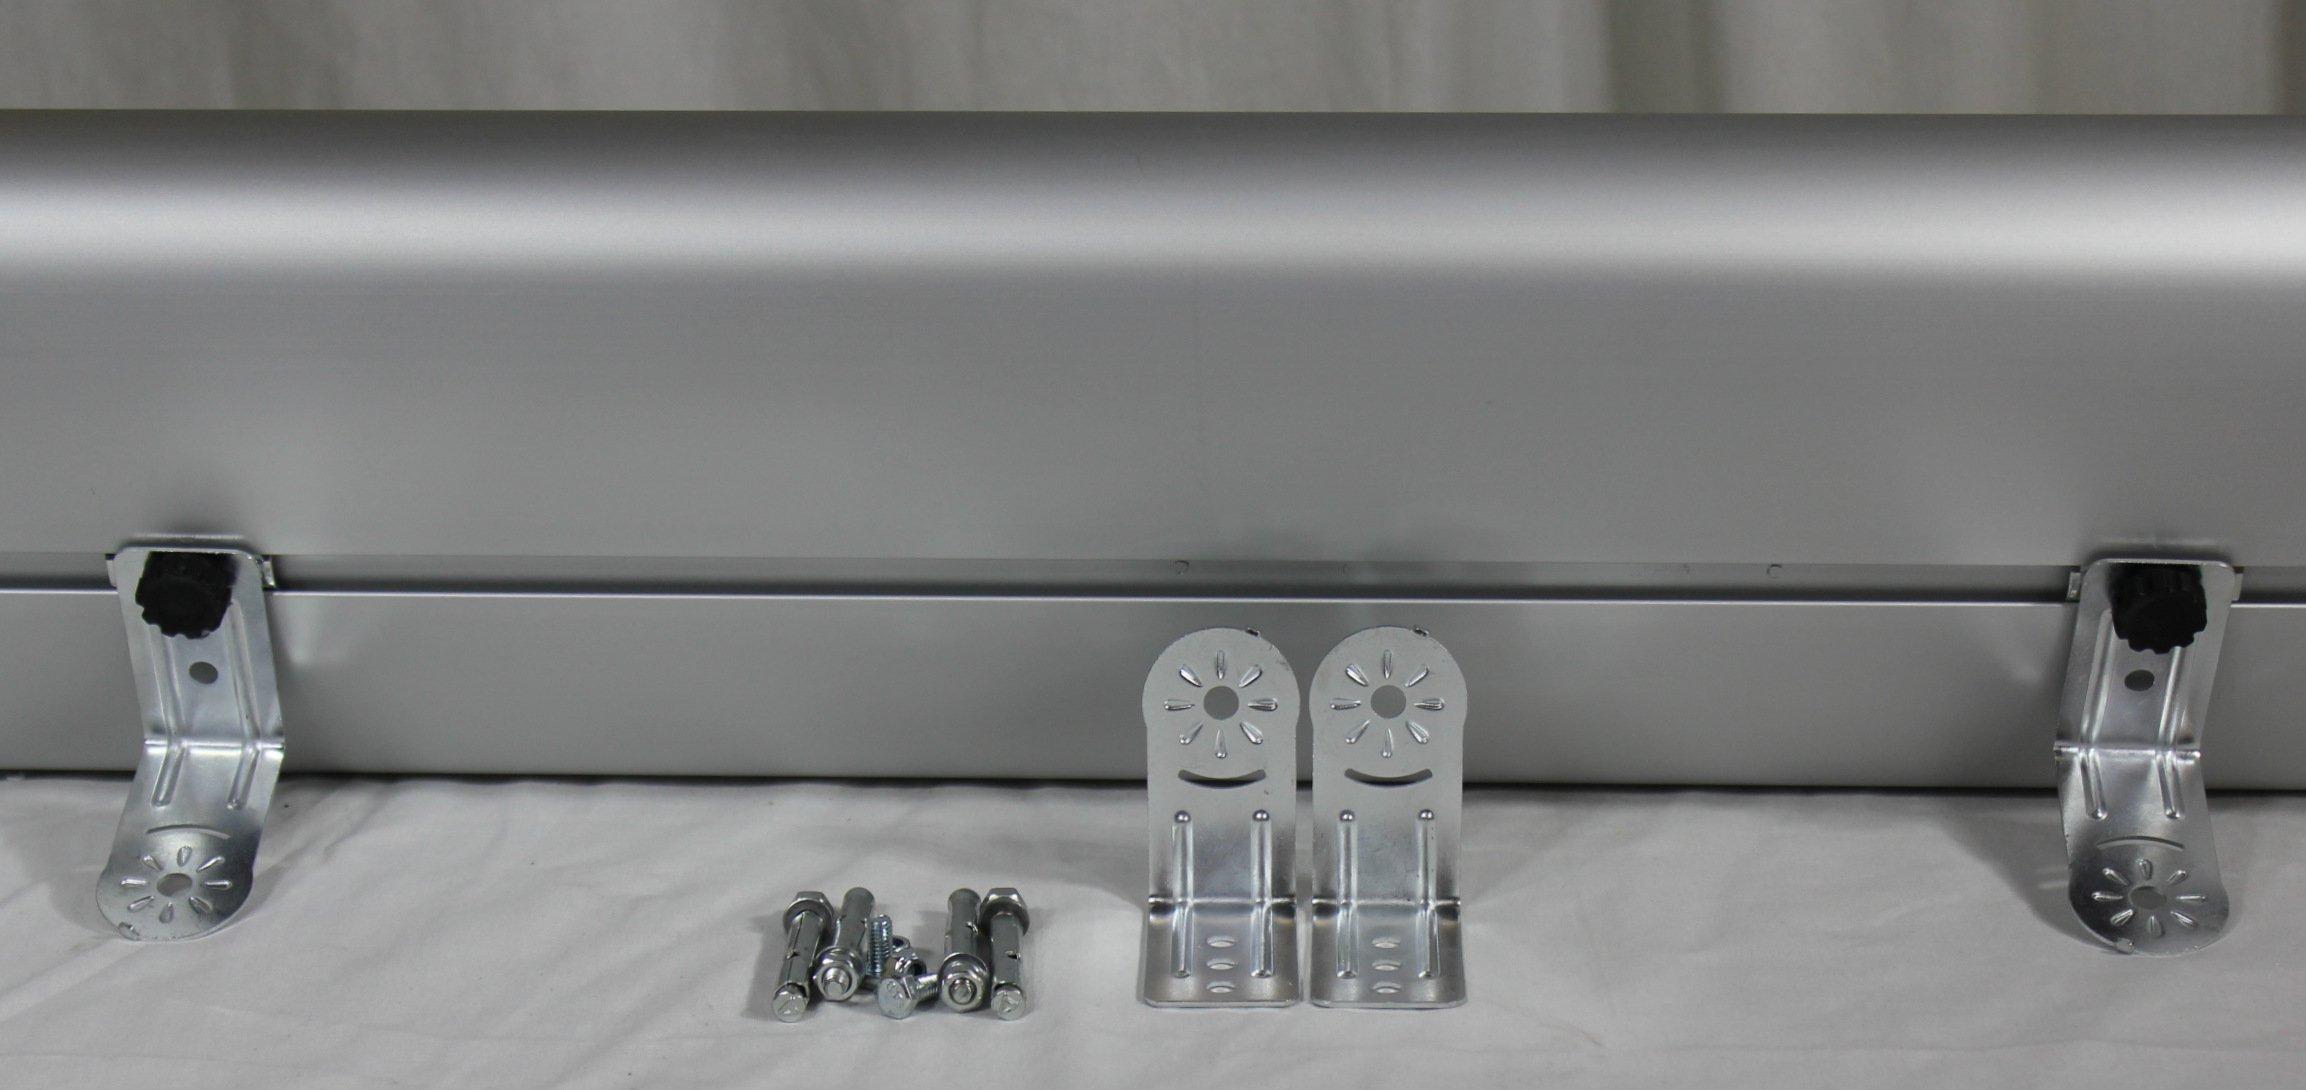 Versonel Electric Wall Mount Infrared Indoor Outdoor Heater VSLWMH100 by Versonel